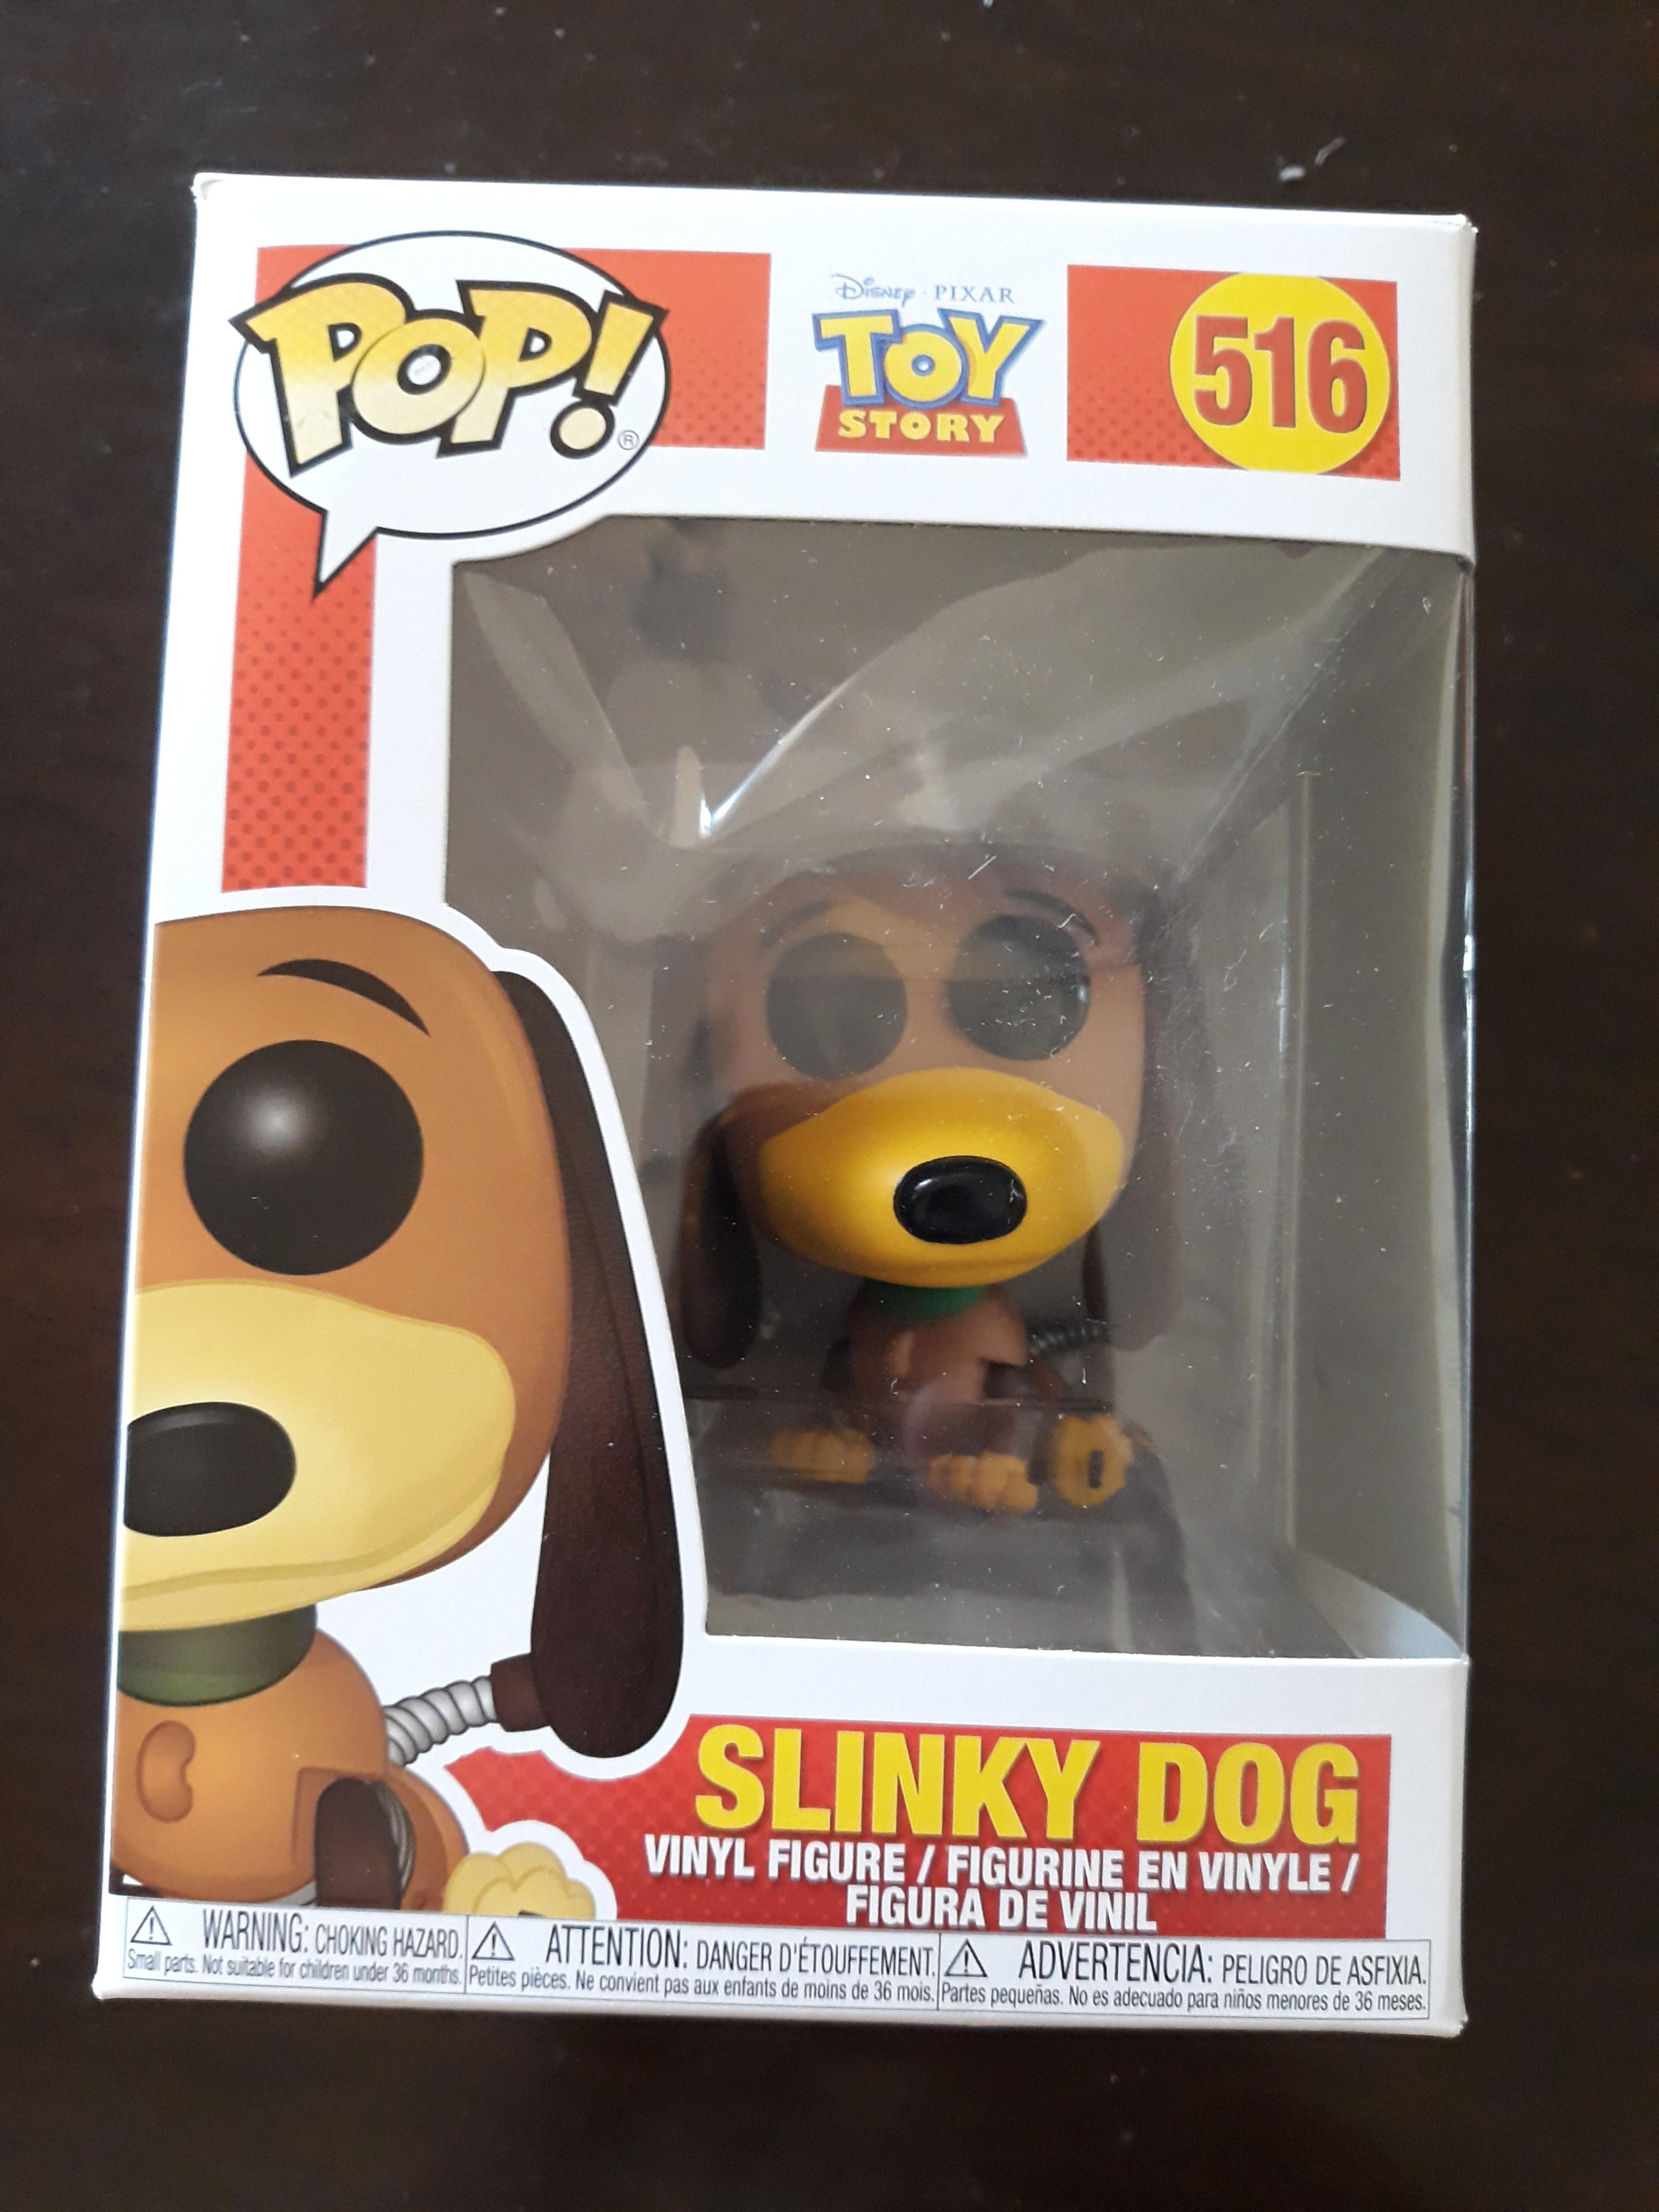 Slinky Dog POP Vinyl Figure 516 Toy Story